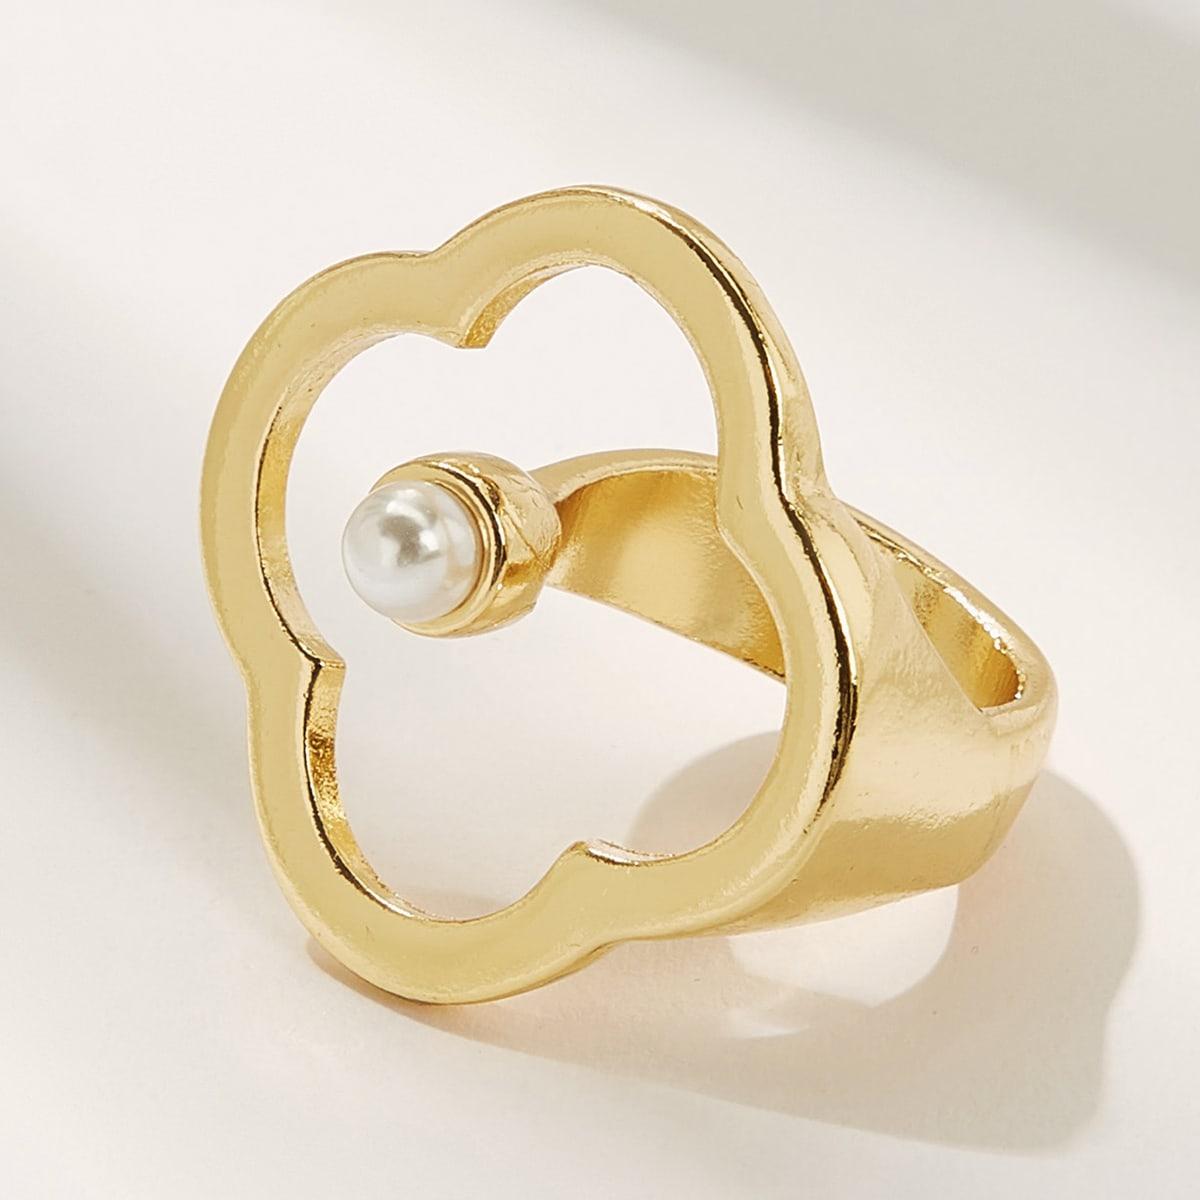 SHEIN / 1pc Kunstperlen Dekor Ring